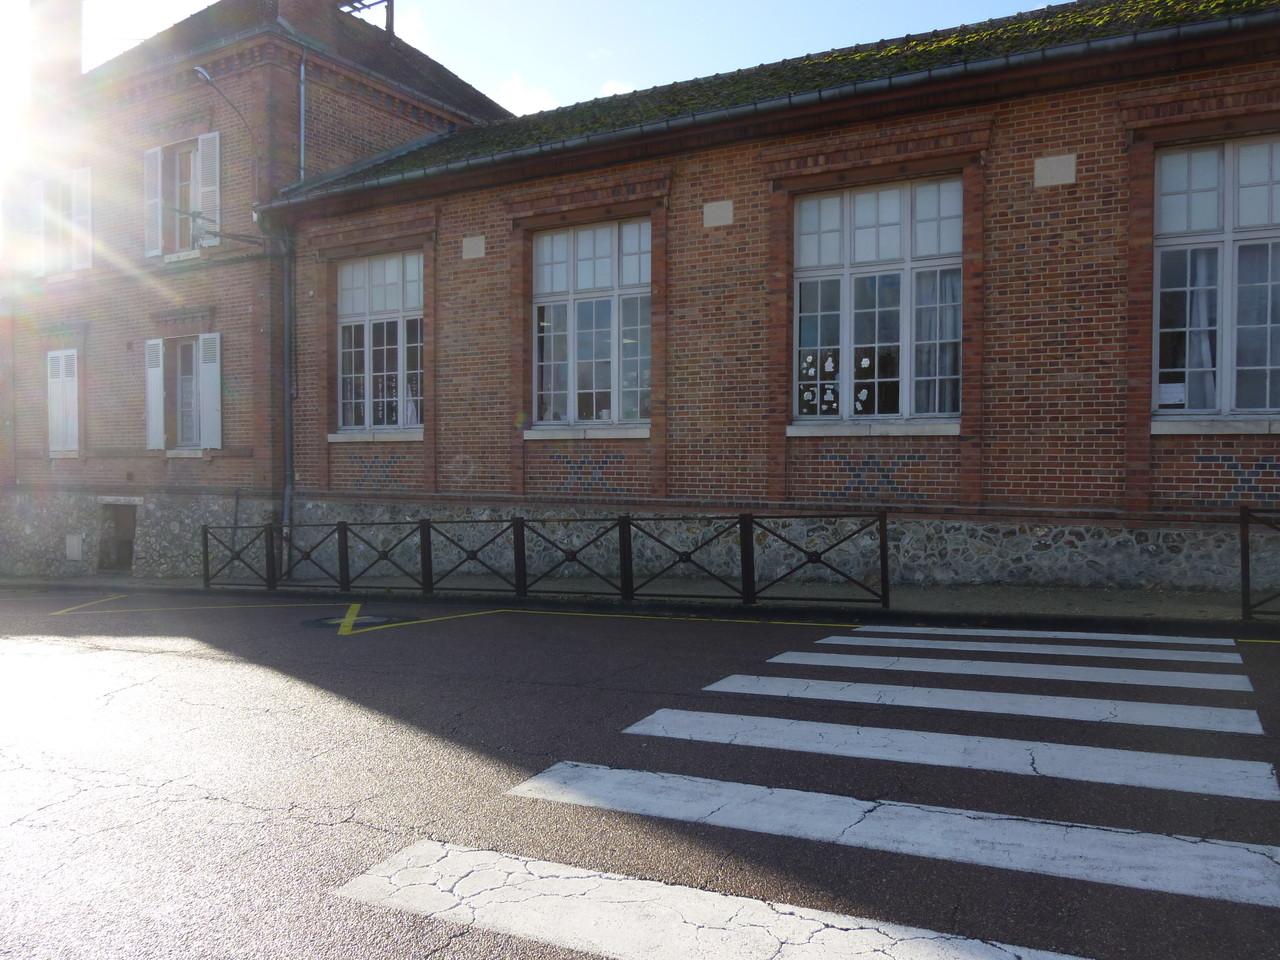 """Une école Solognote, petit clin d'oeil à la """"maitresse d'école"""" de la famille qui y enseigna jusqu'en 1976, Brinon/ Sauldre"""